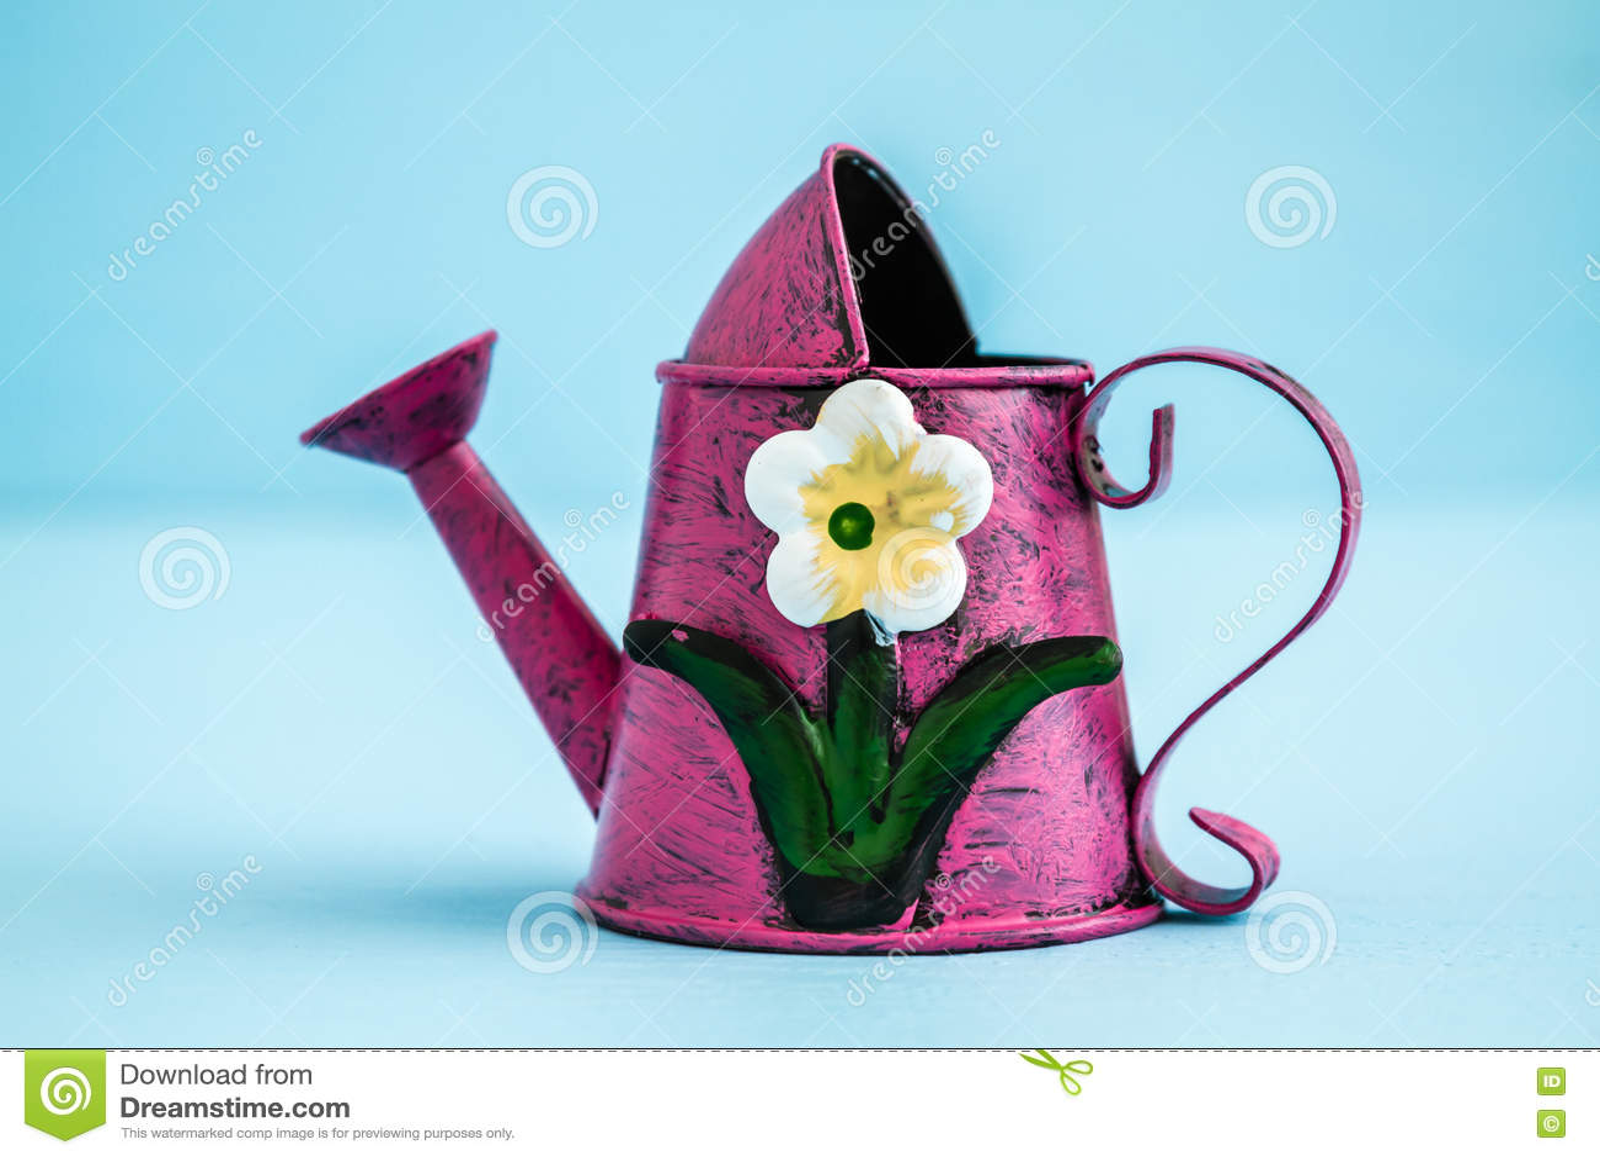 Το ζωηρόχρωμο μεταλλικό πότισμα μπορεί με Floral να σχεδιάσει